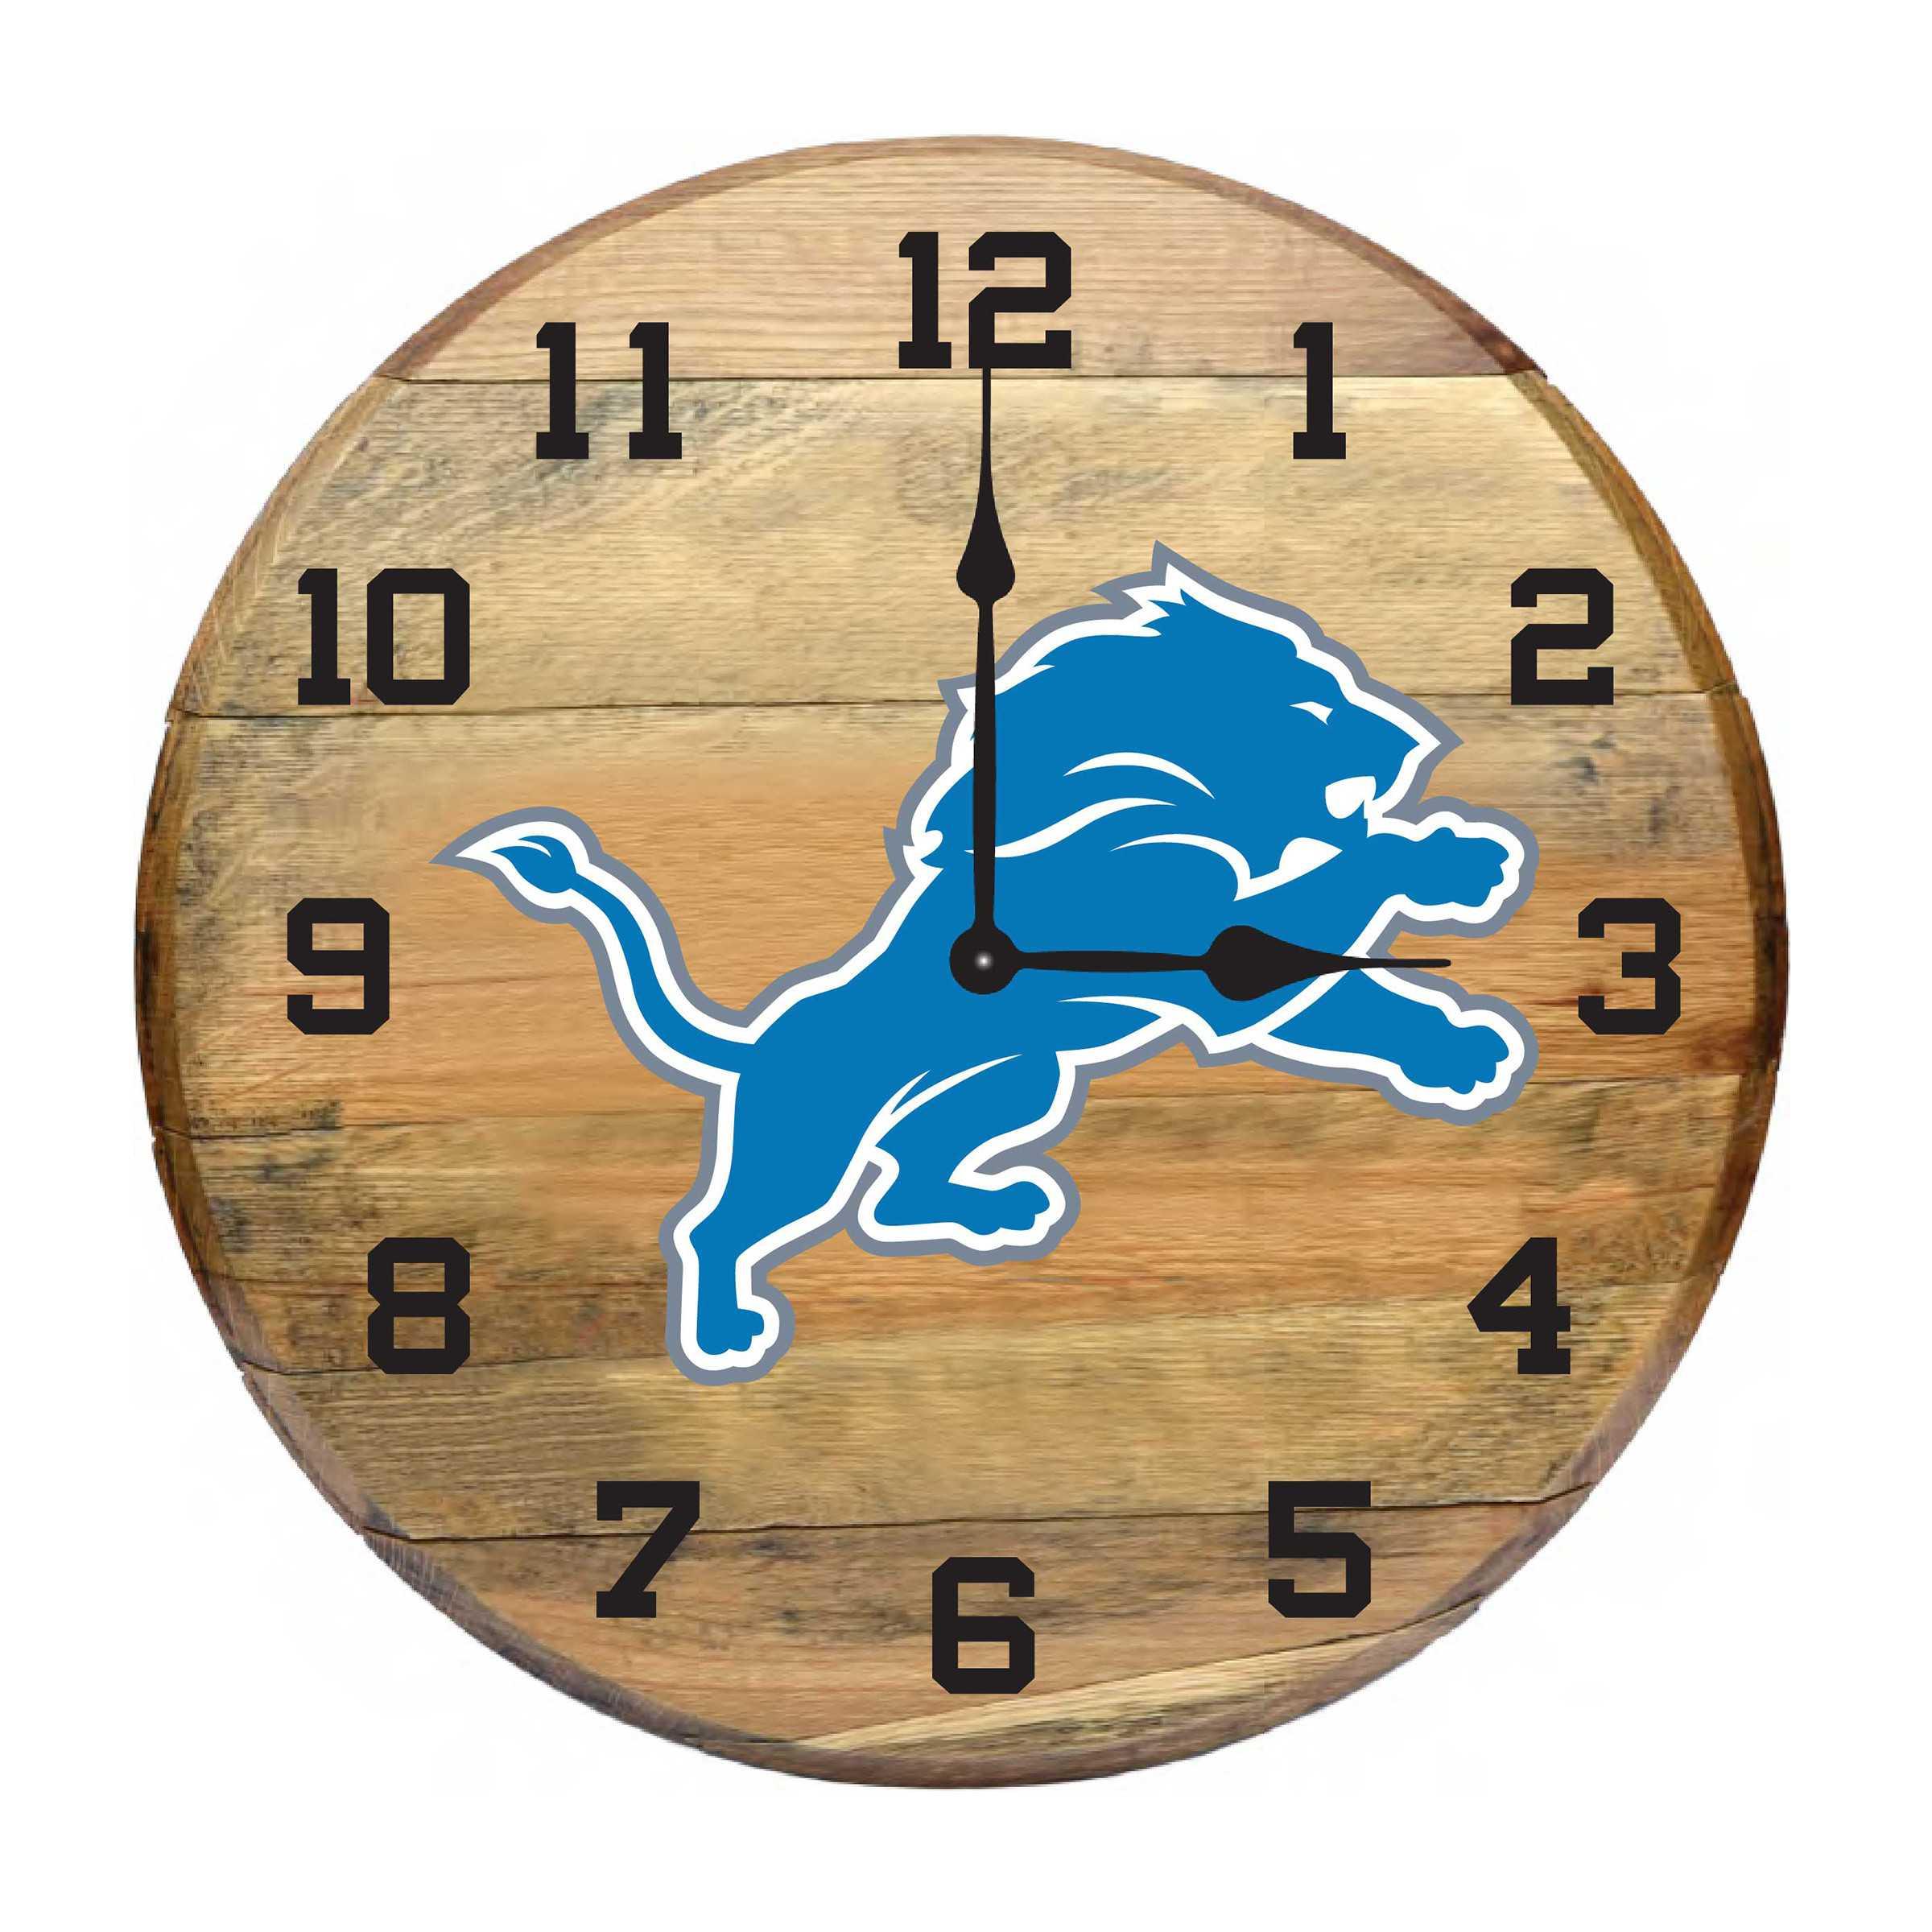 DETROIT LIONS Oak Barrel Clock